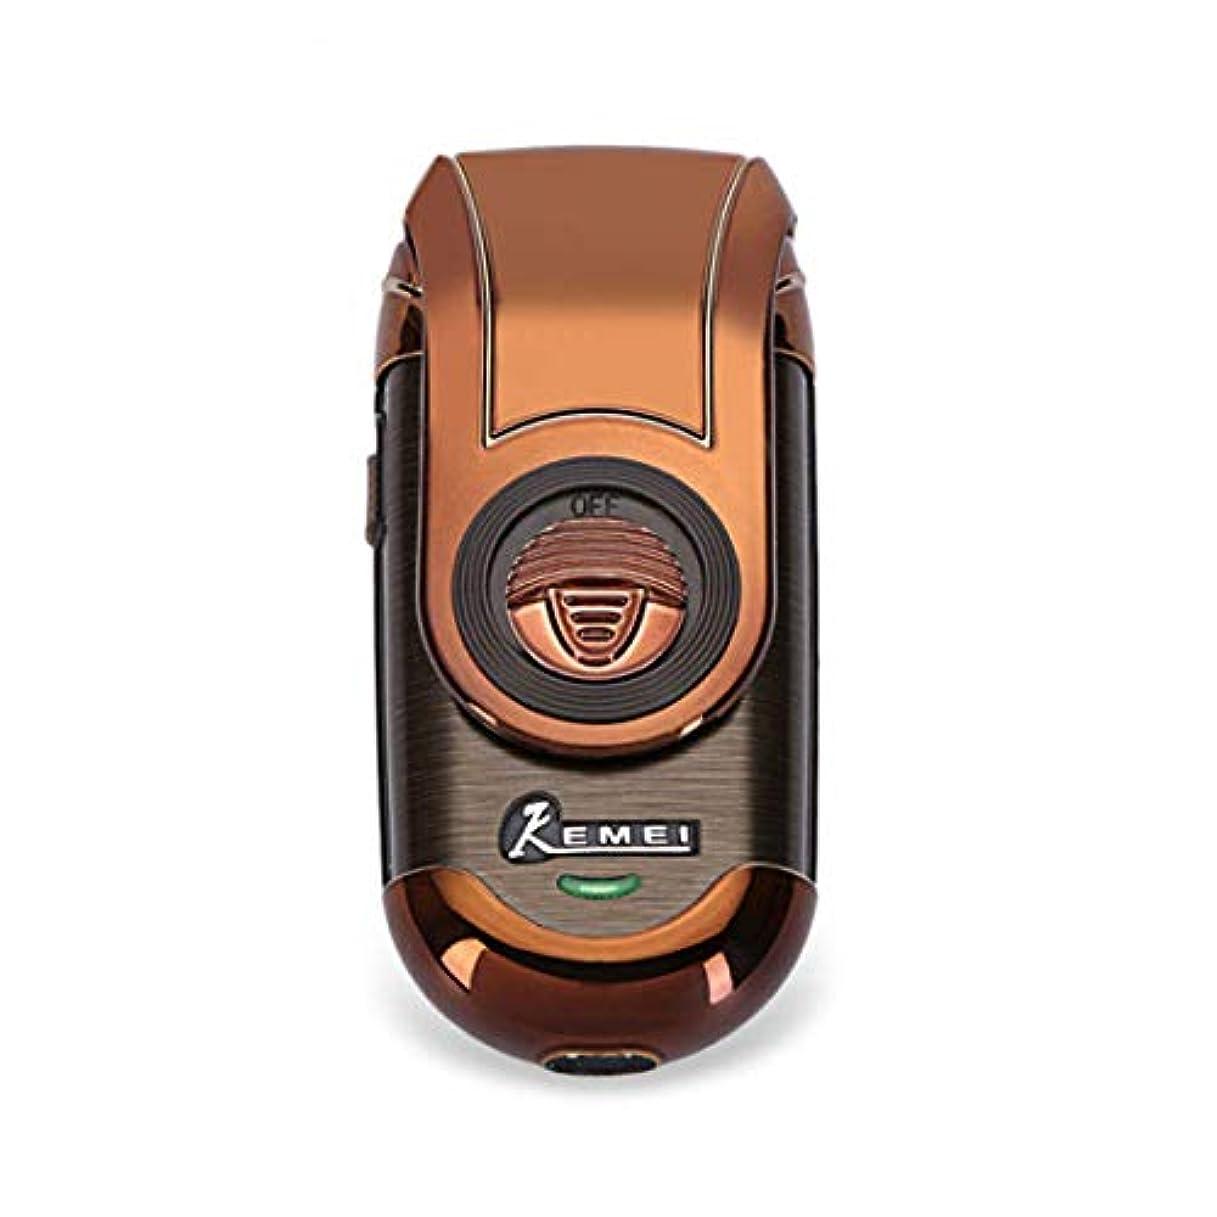 定期的保持痛み再充電可能な電気かみそりコードレスひげトリマー3D浮遊刃ホイル旅行シェーバー、ポップアップトリマーを往復させる人の小型携帯用電気かみそり